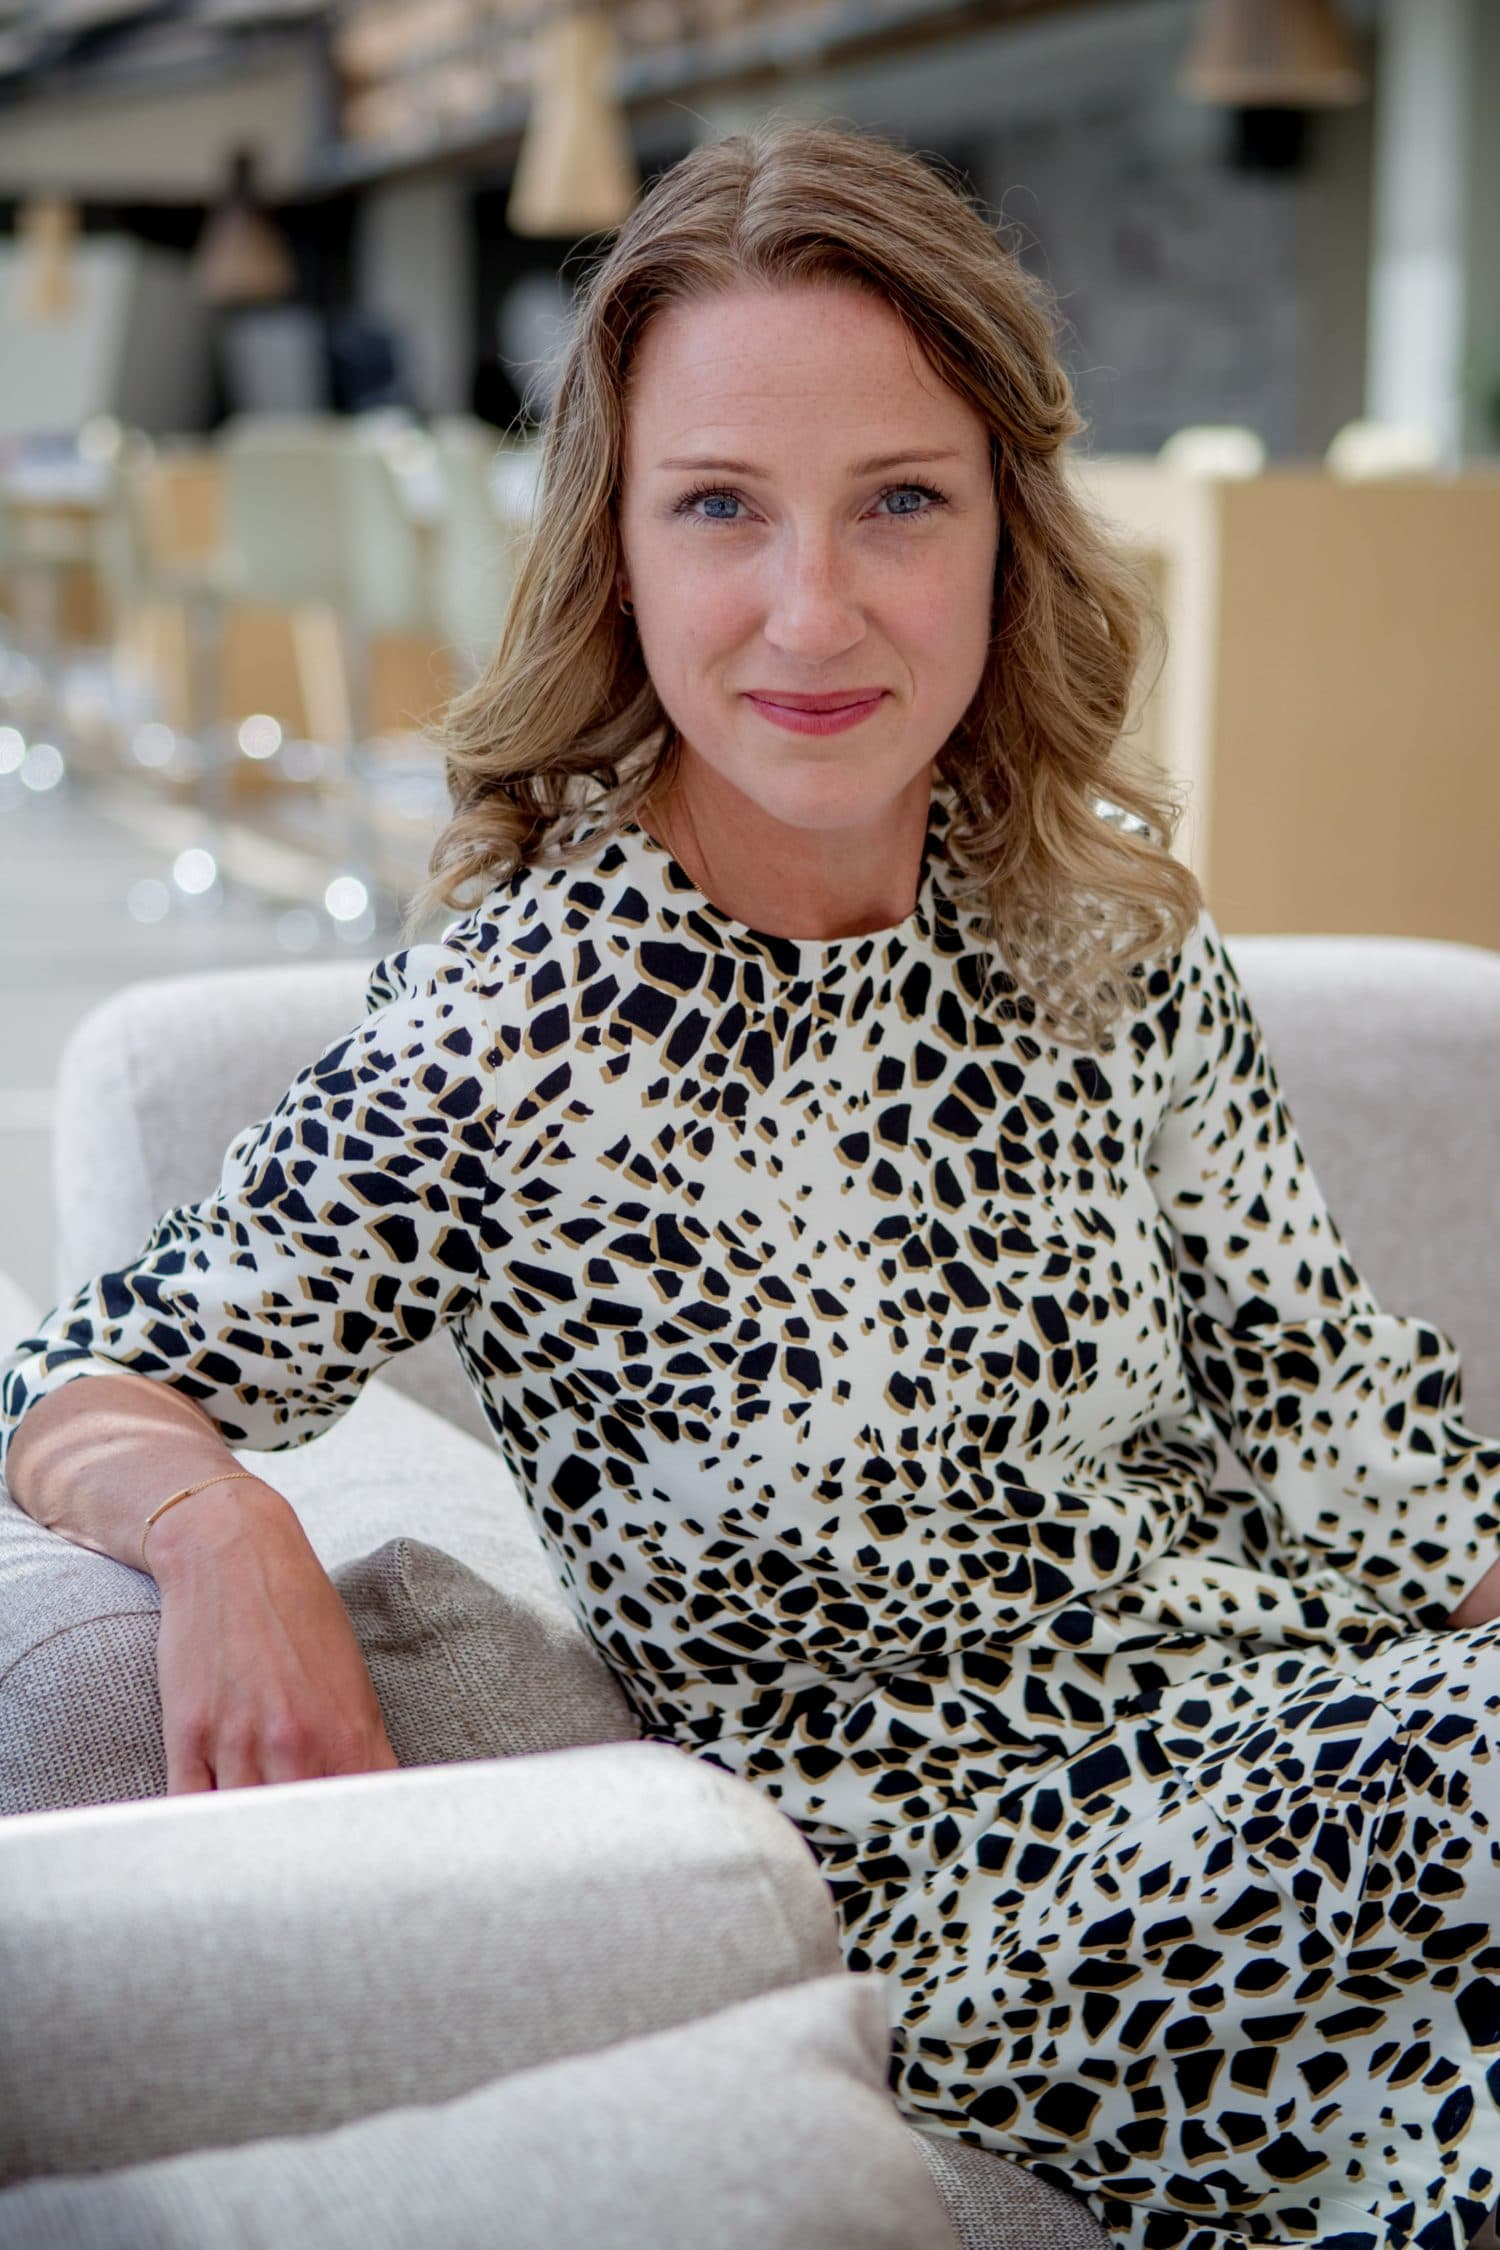 Mia-Ingelström-@RikaKvinnor.se-women-in-power